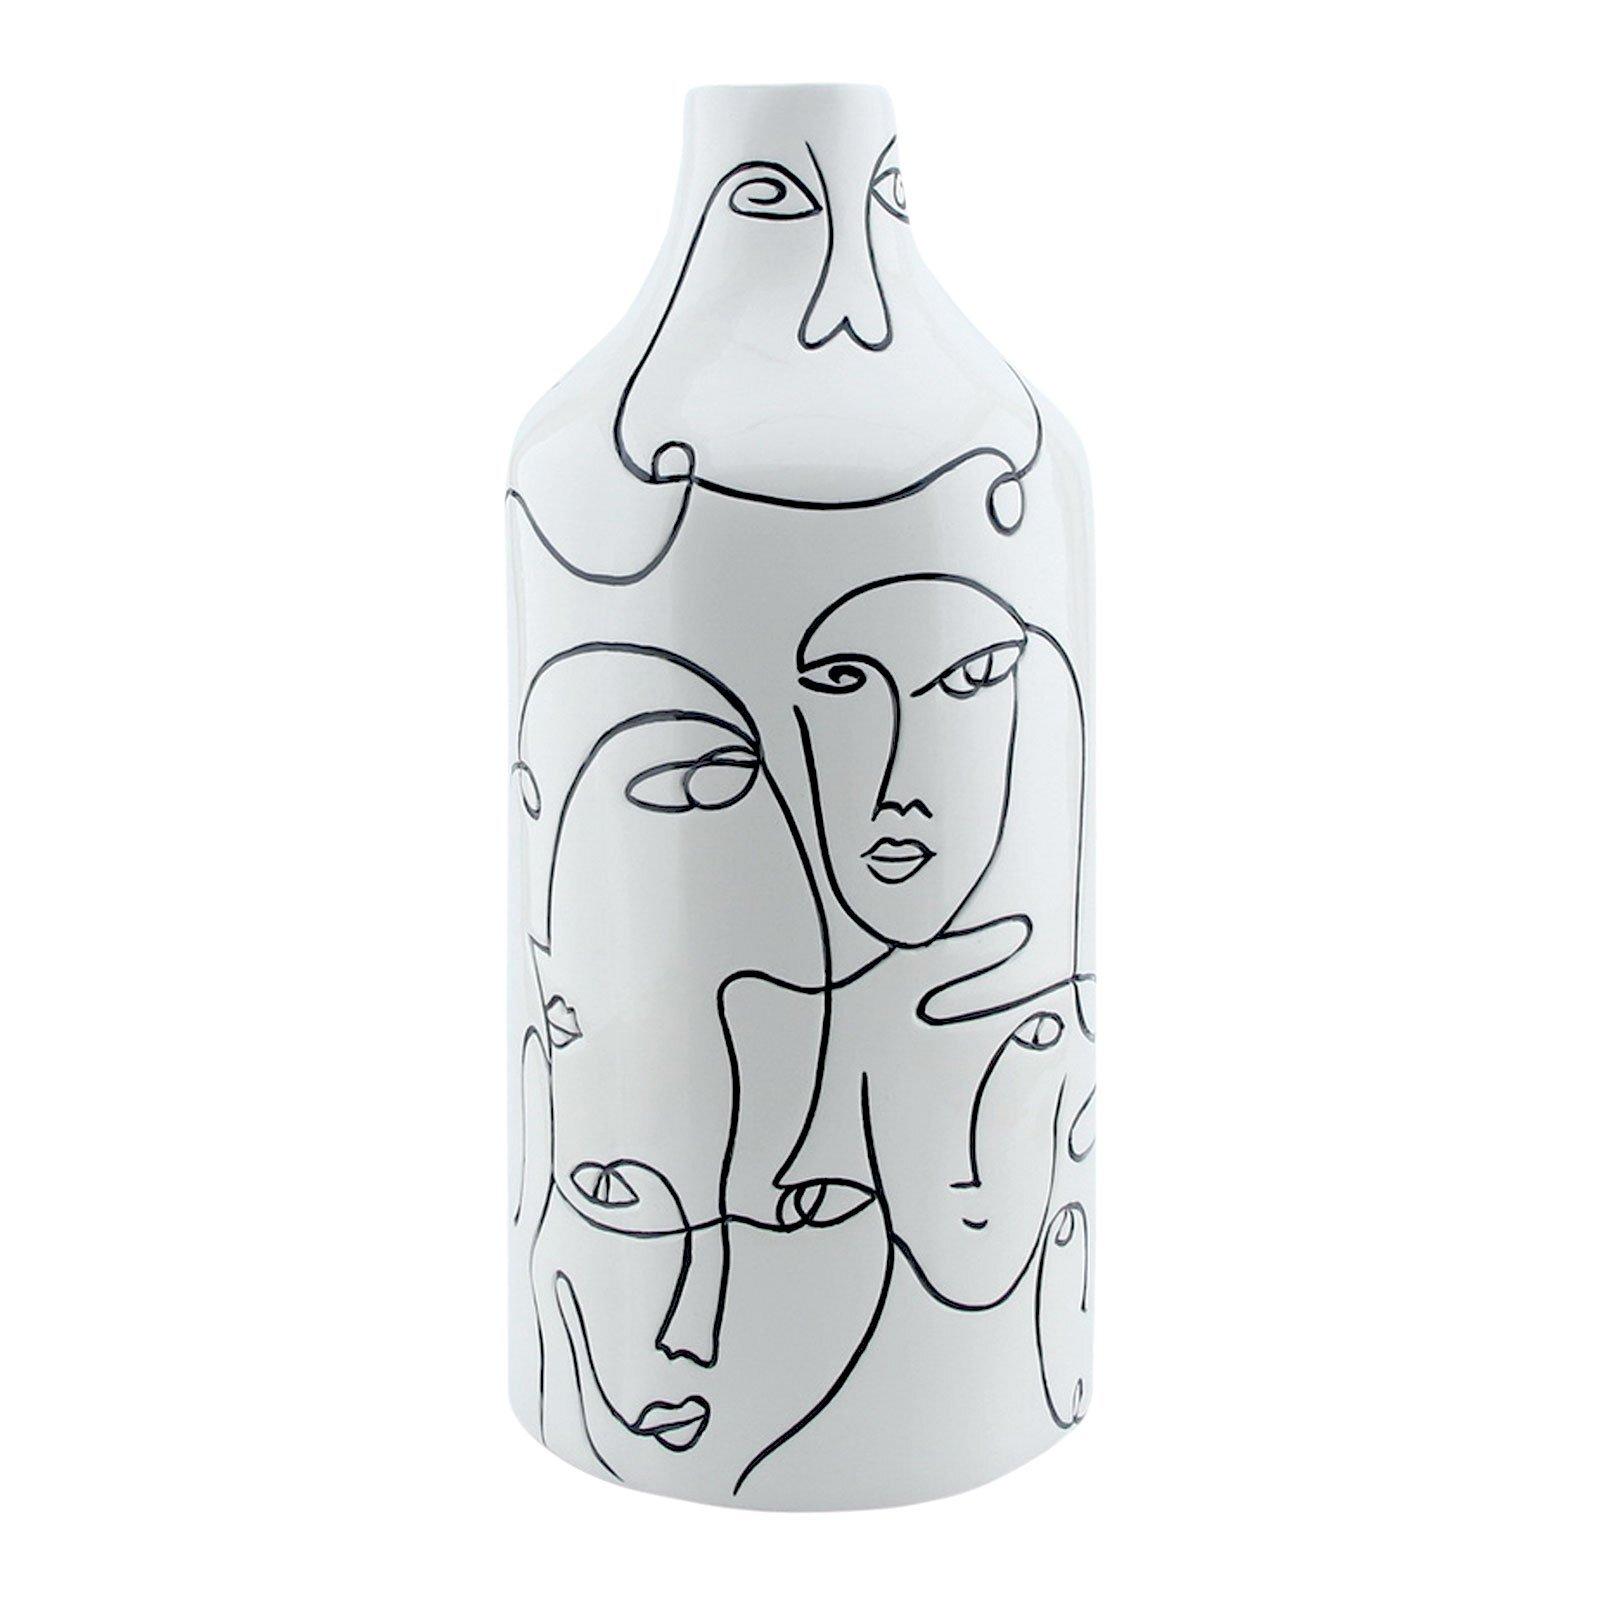 Faces Vase